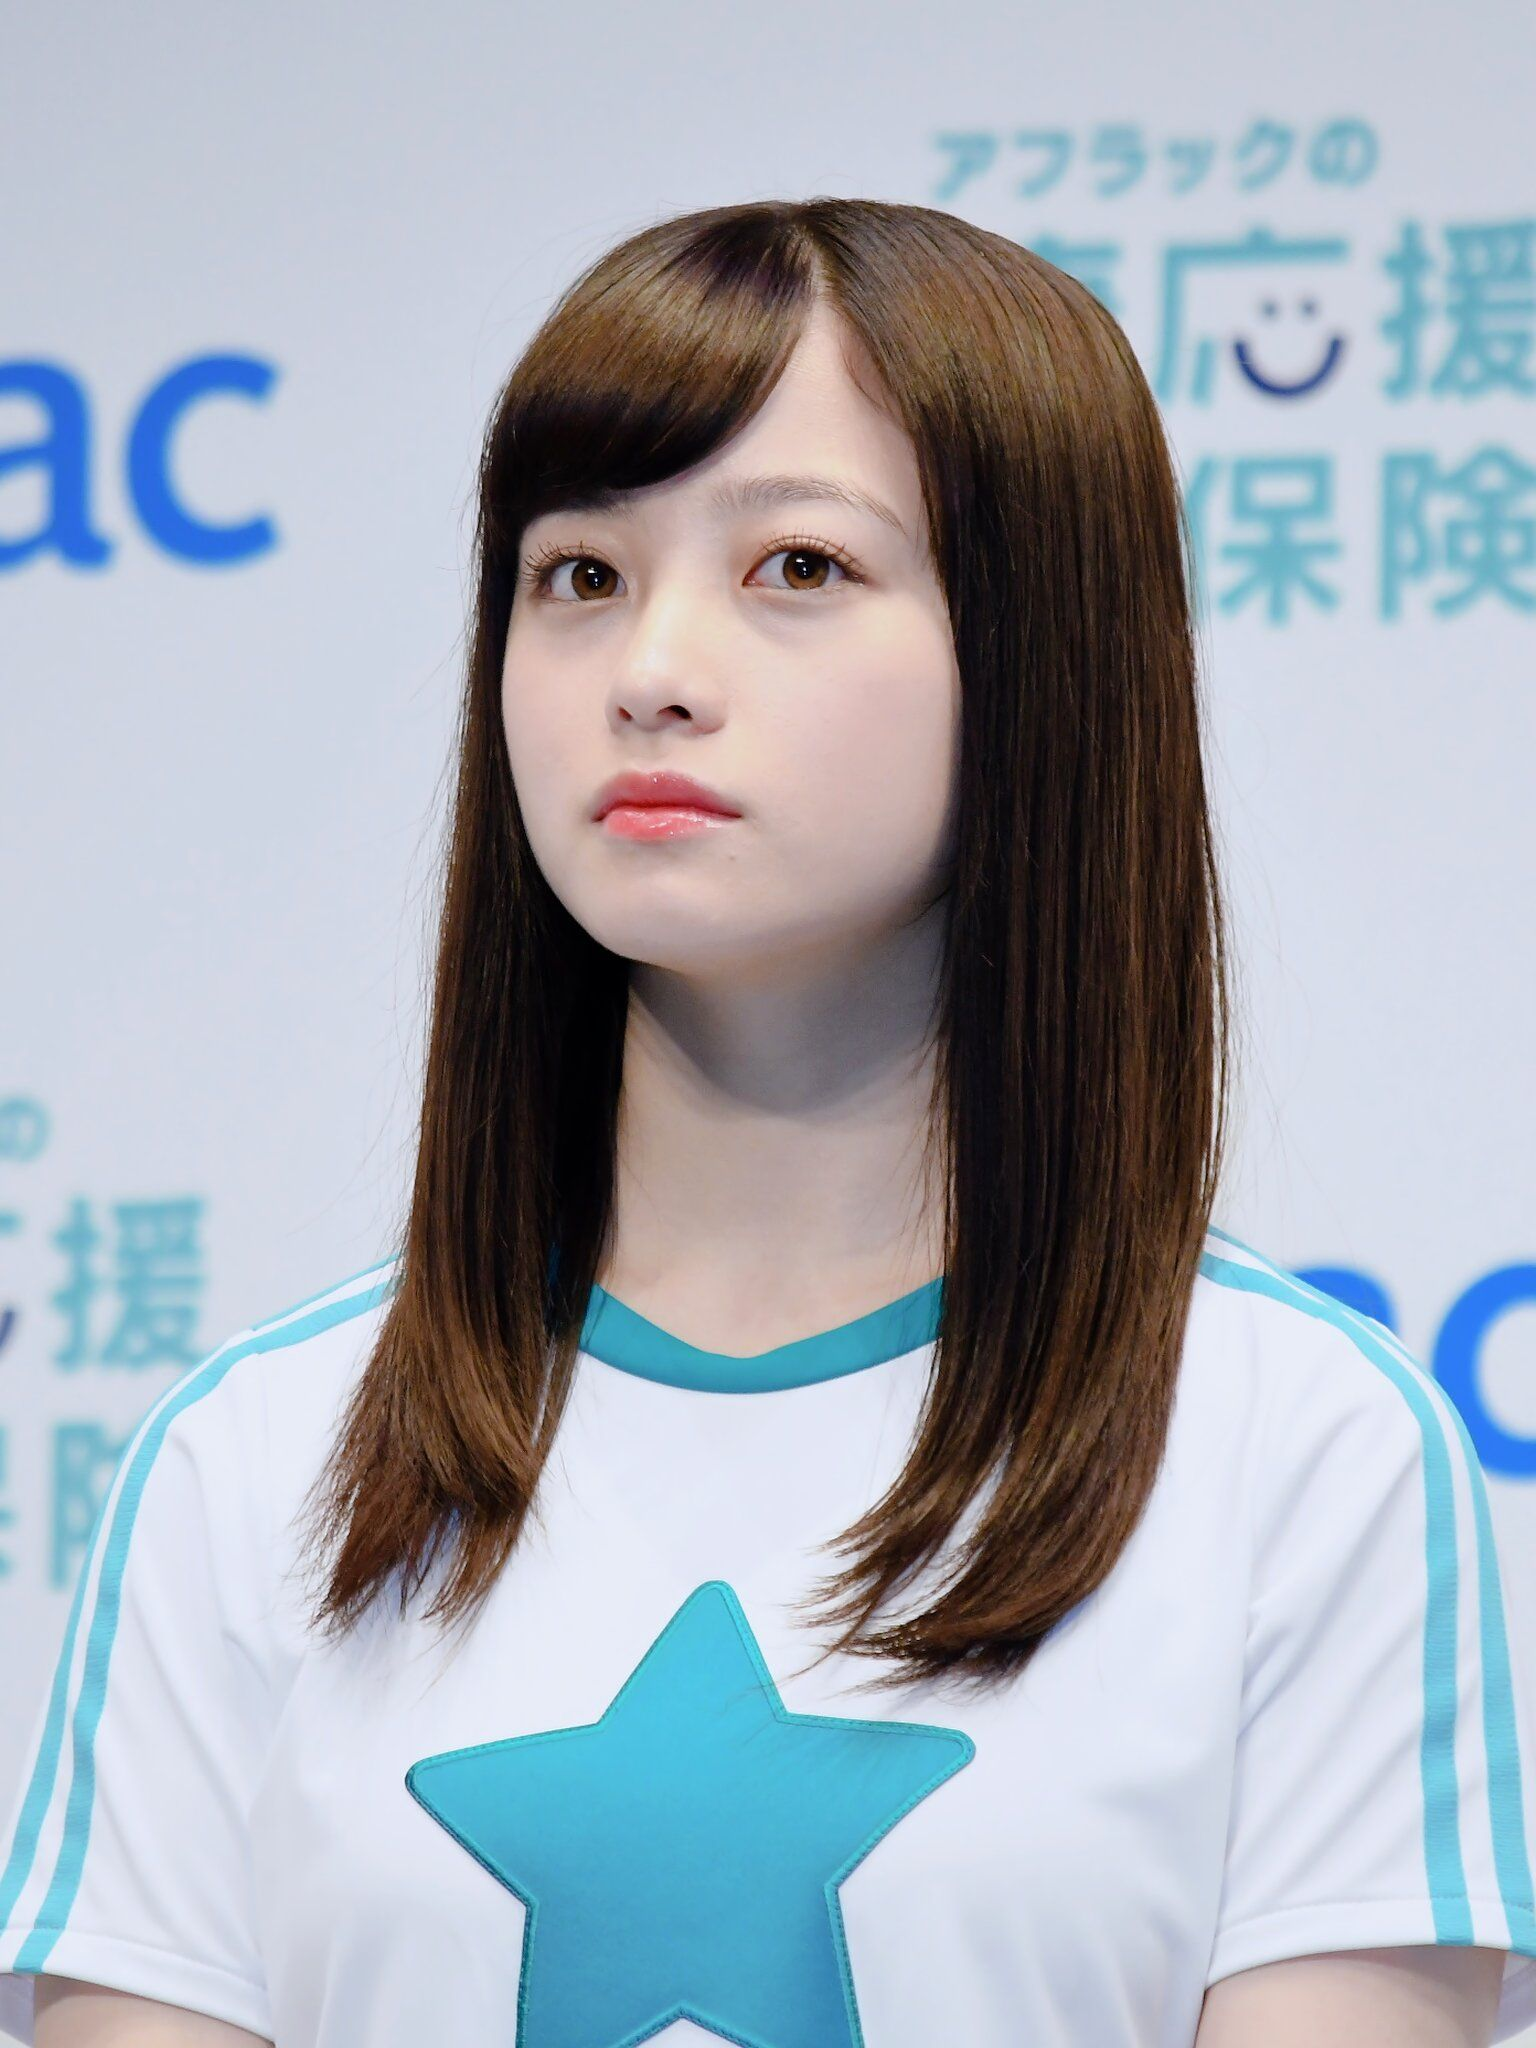 ボード Kanna Hashimoto のピン